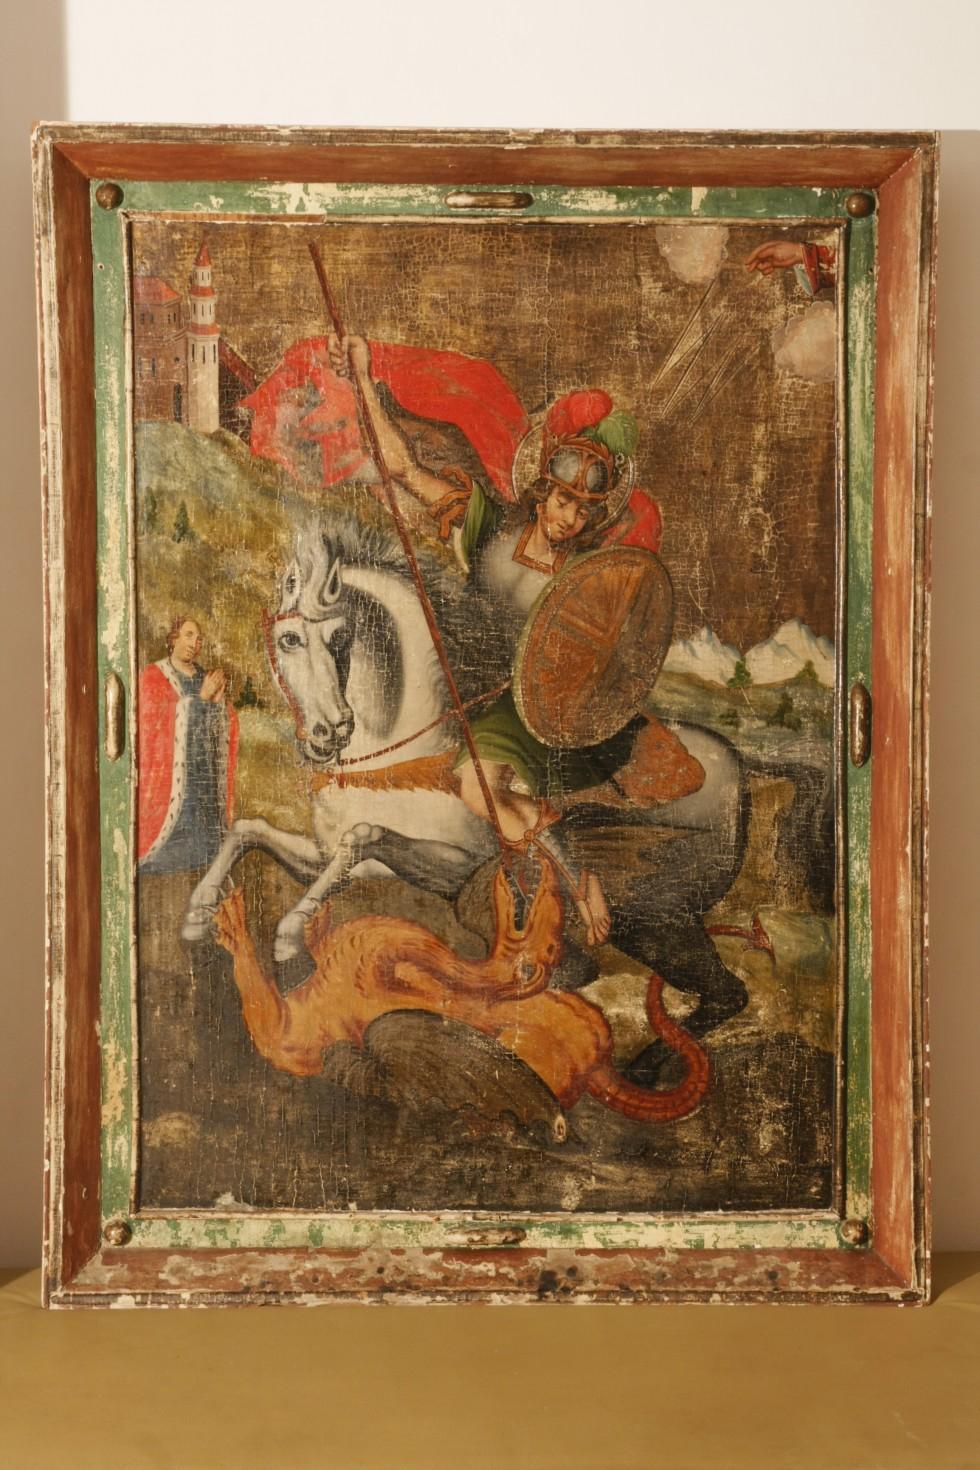 Юрій Змієборець. ХVІІІ ст., Майстер із Михнівки. Зберігається в Музеї волинської ікони в Луцьку.